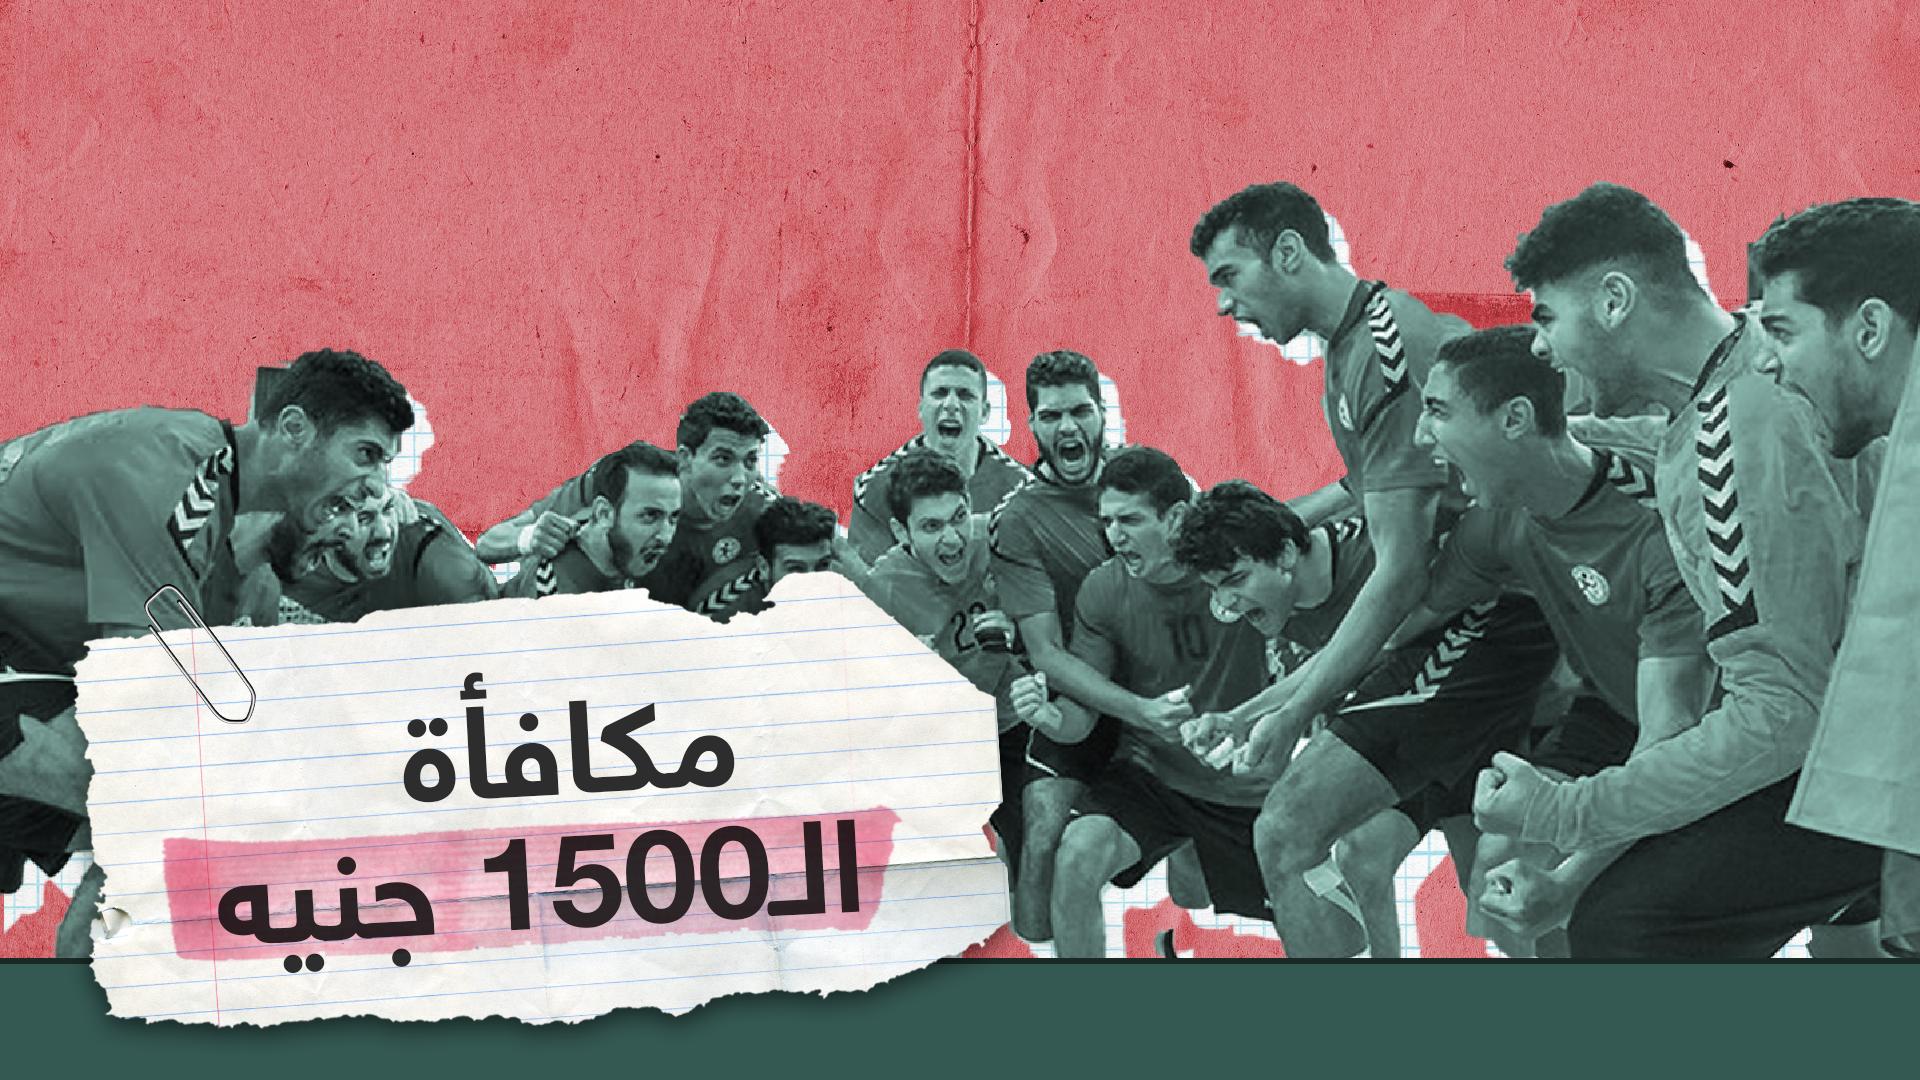 ما حقيقة مكافأة الـ1500 جنيه لأبطال العالم في اليد بمصر؟